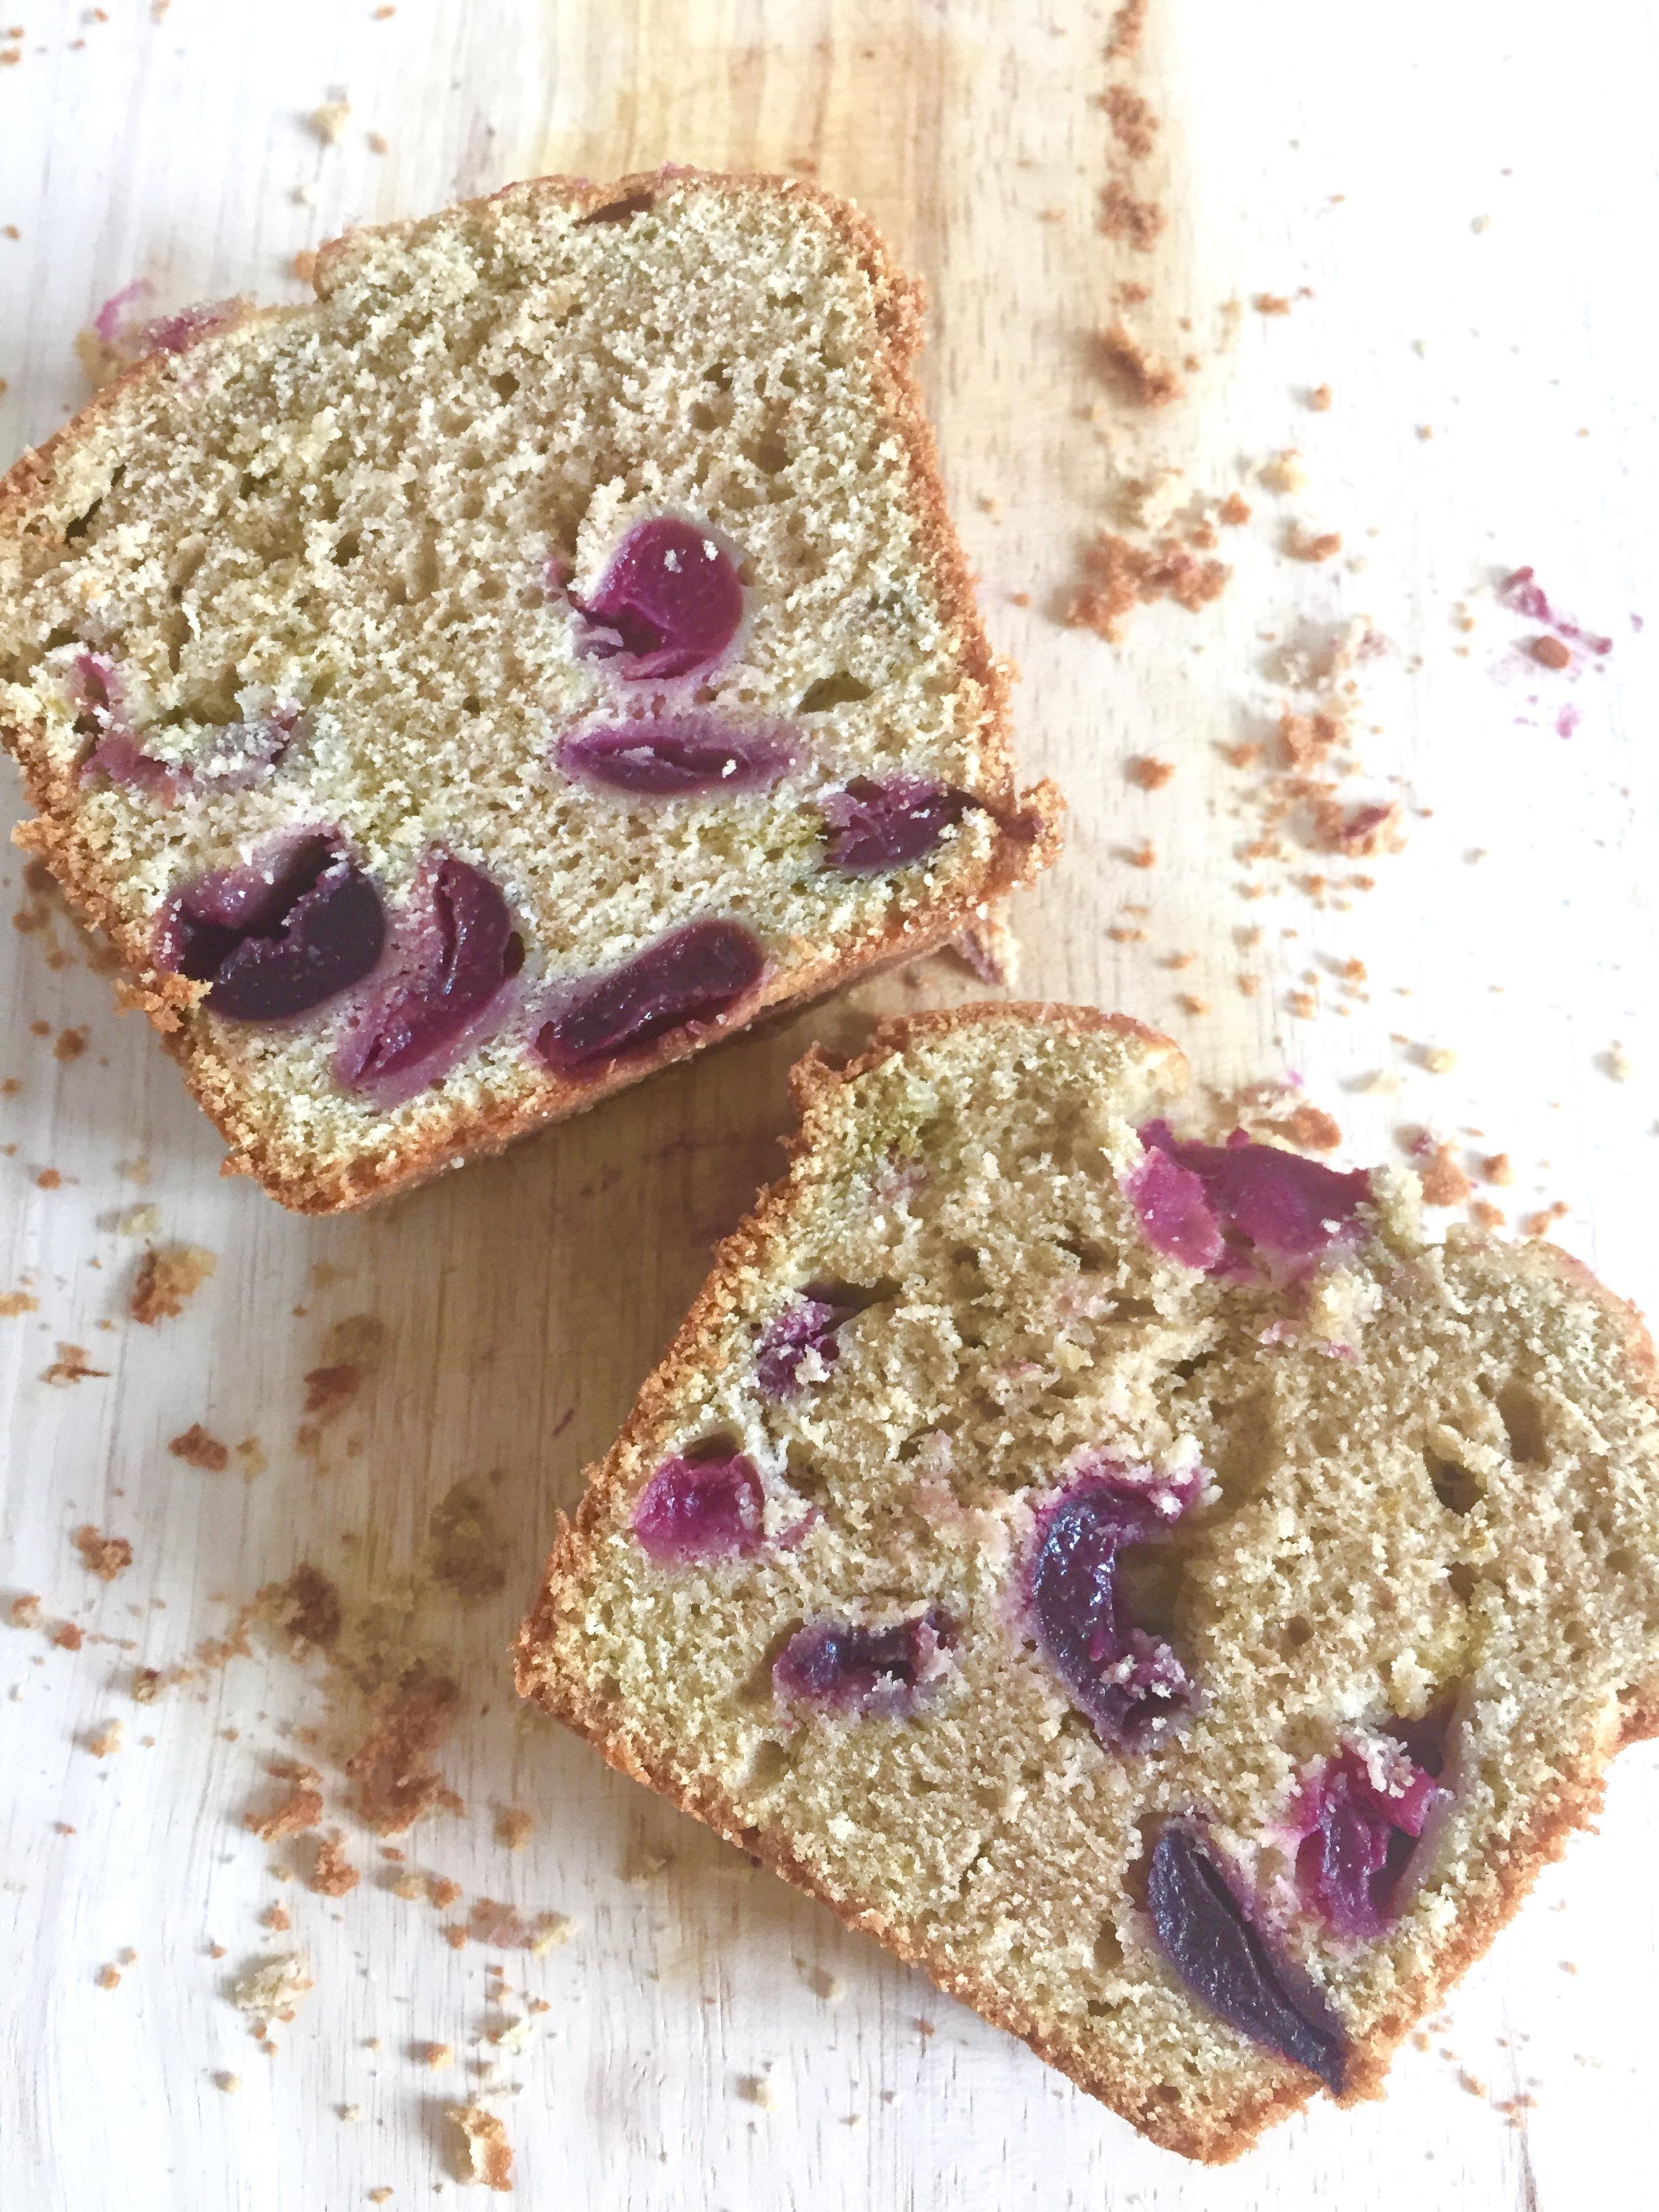 Les Papotages de Nana - Cake Matcha griottes